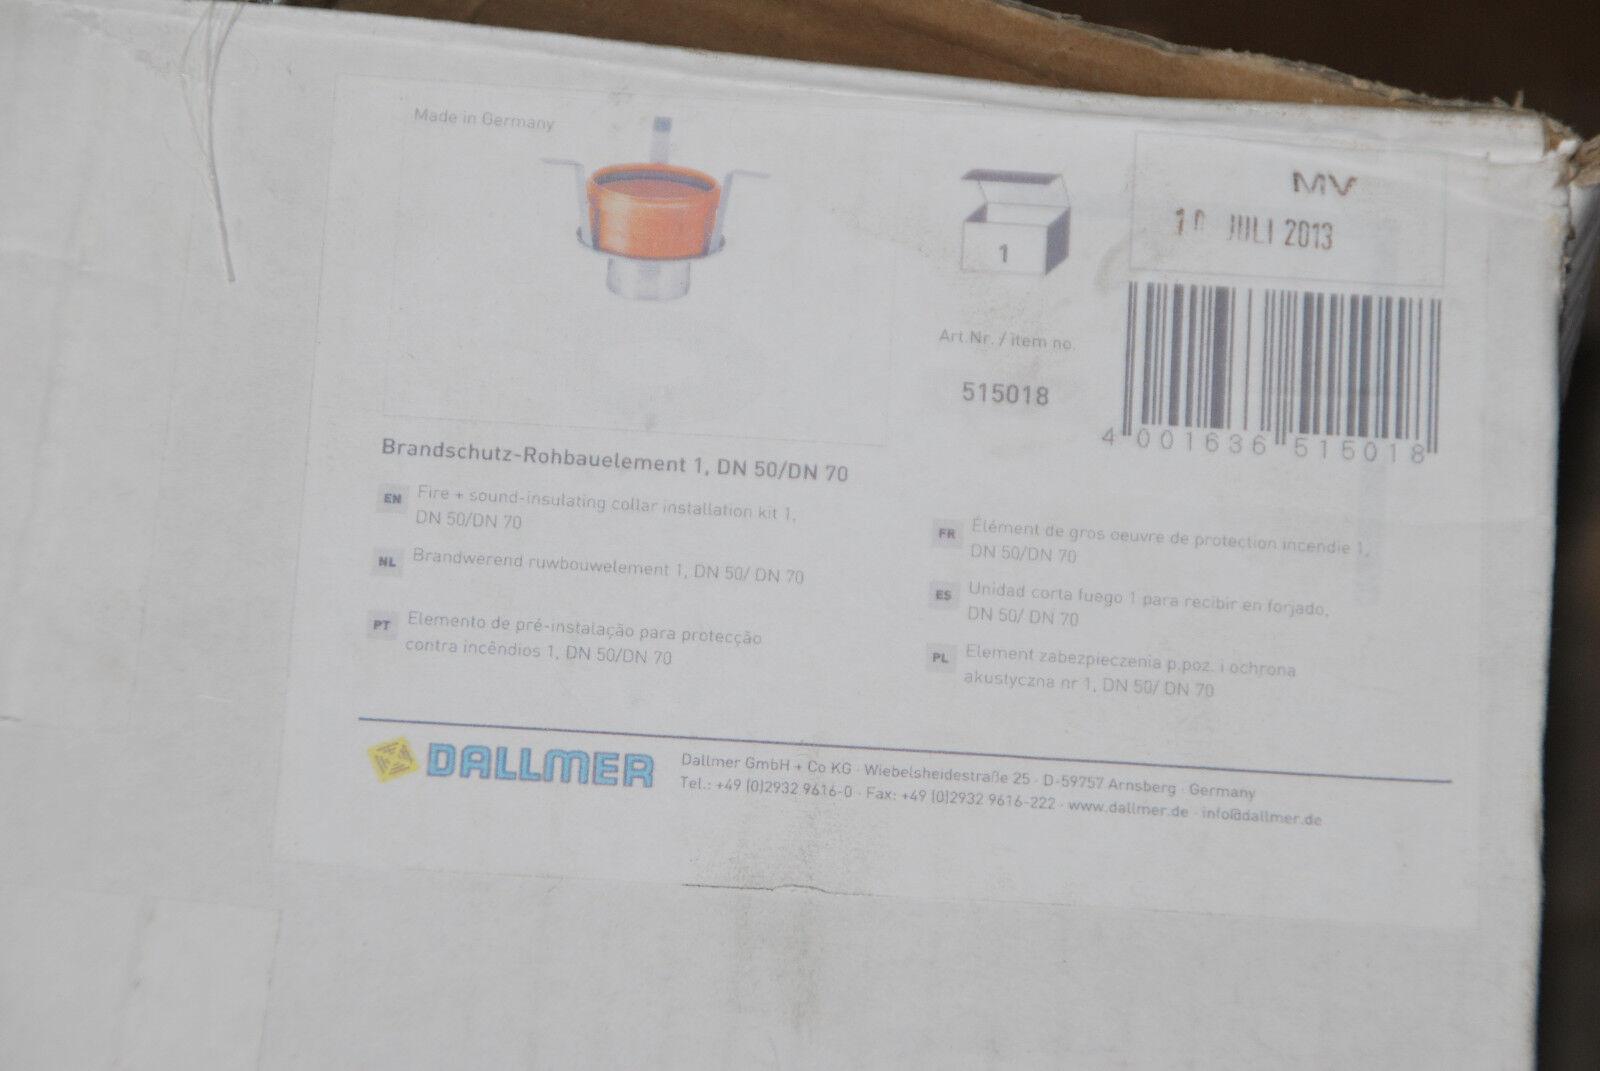 DALLMER 515018 BRANDSCHUTZ ROHBAUELEMENT 1 DN 50 / DN 70 NEU